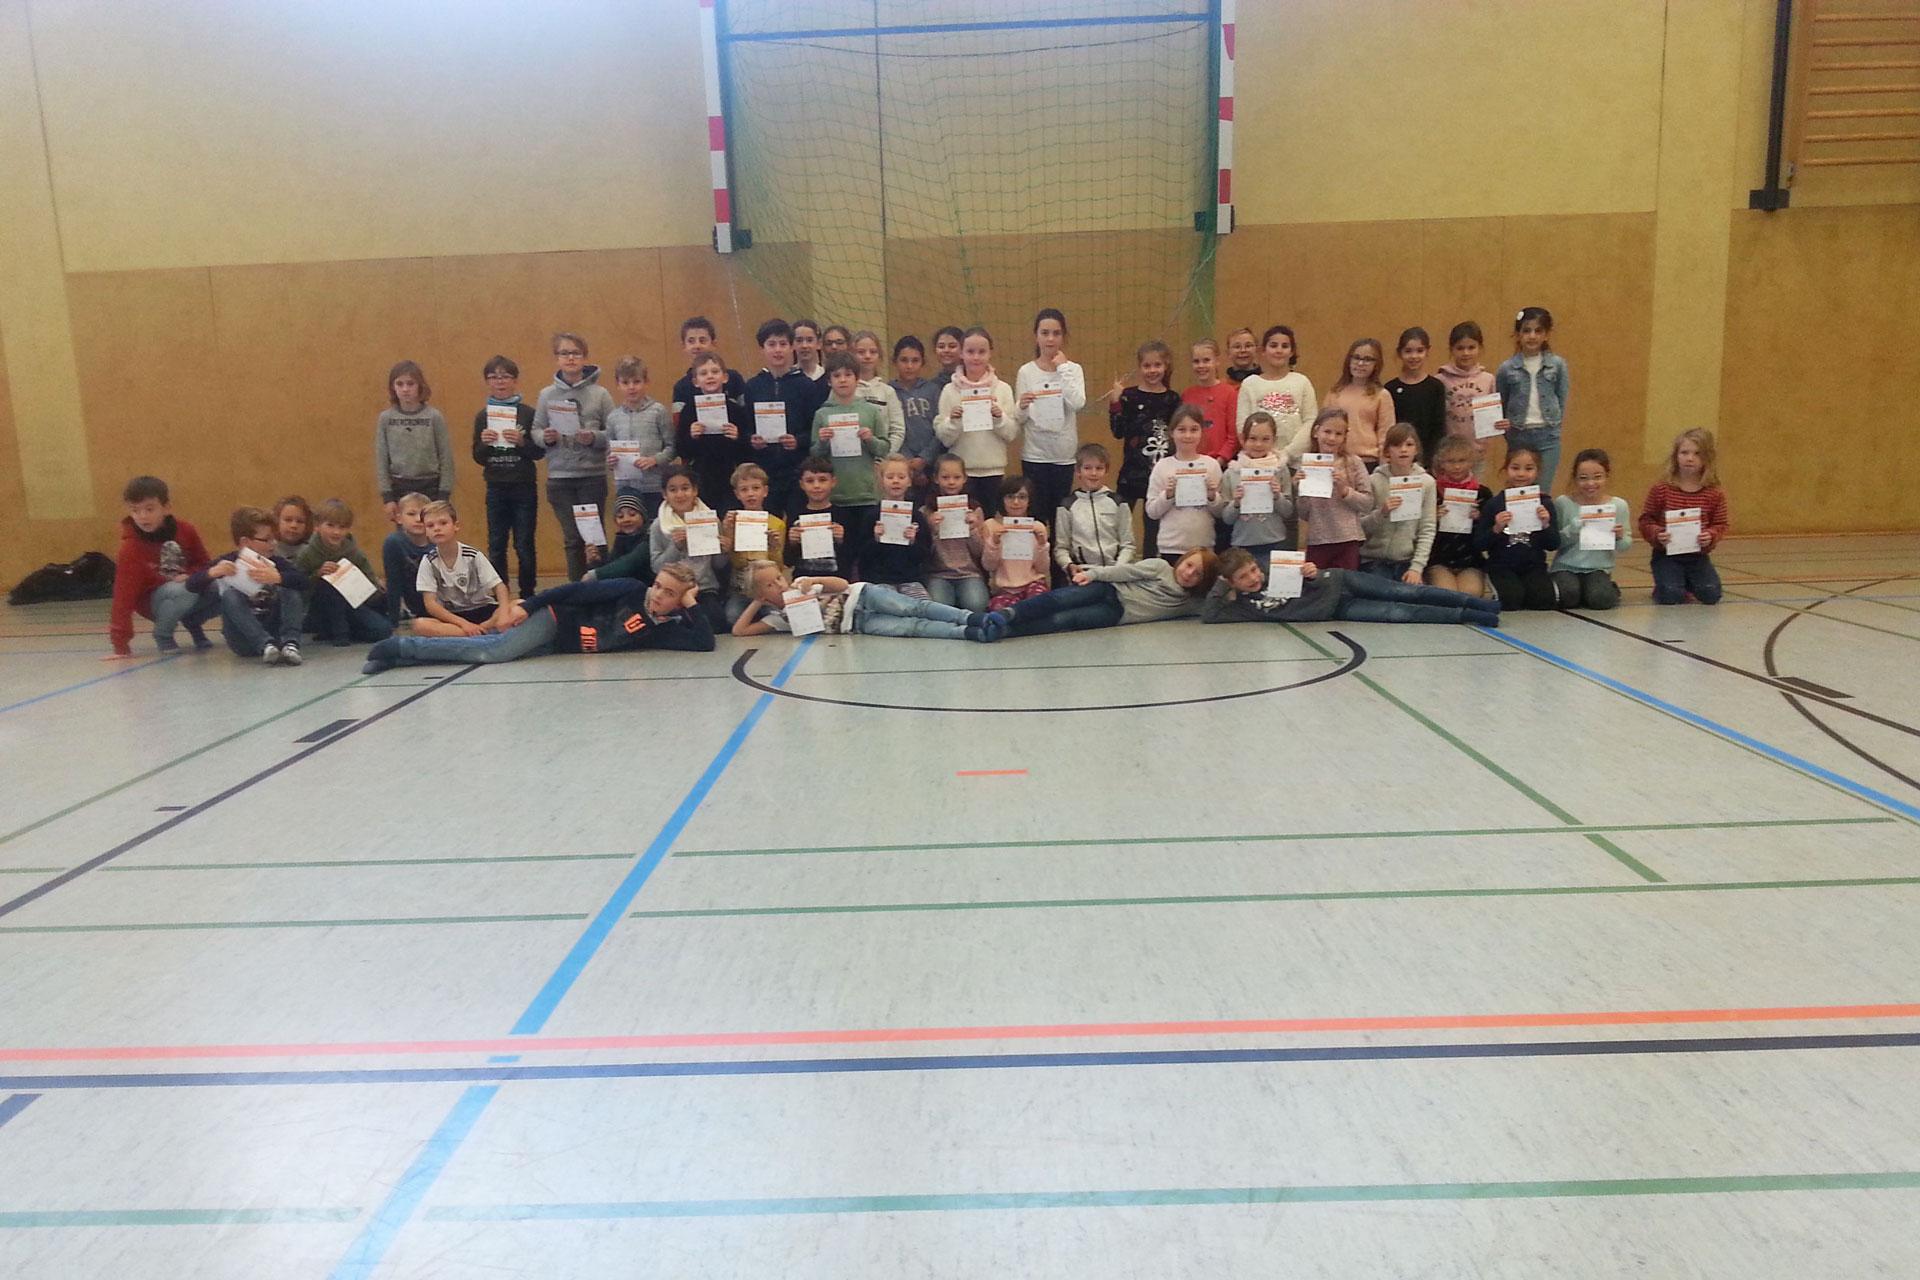 Schüler der HCA zeigen stolz ihre Sportabzeichen